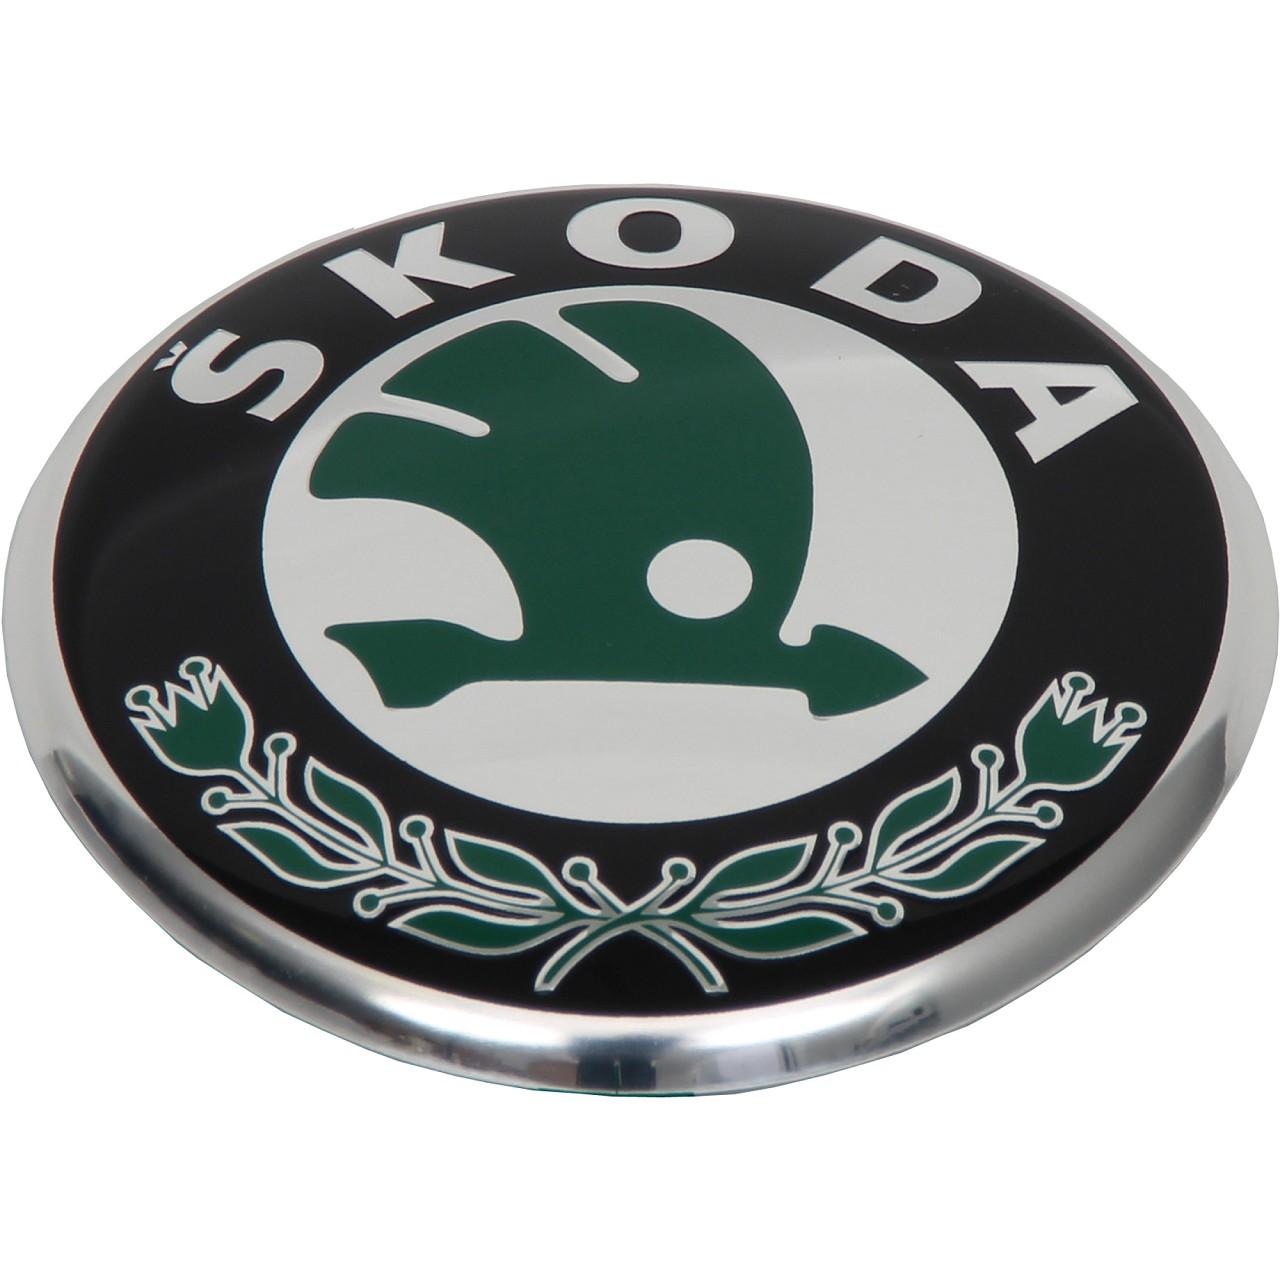 ORIGINAL Skoda Emblem Plakette Logo Wappen Fabia Combi (6Y5) 6Y9853621 MEL